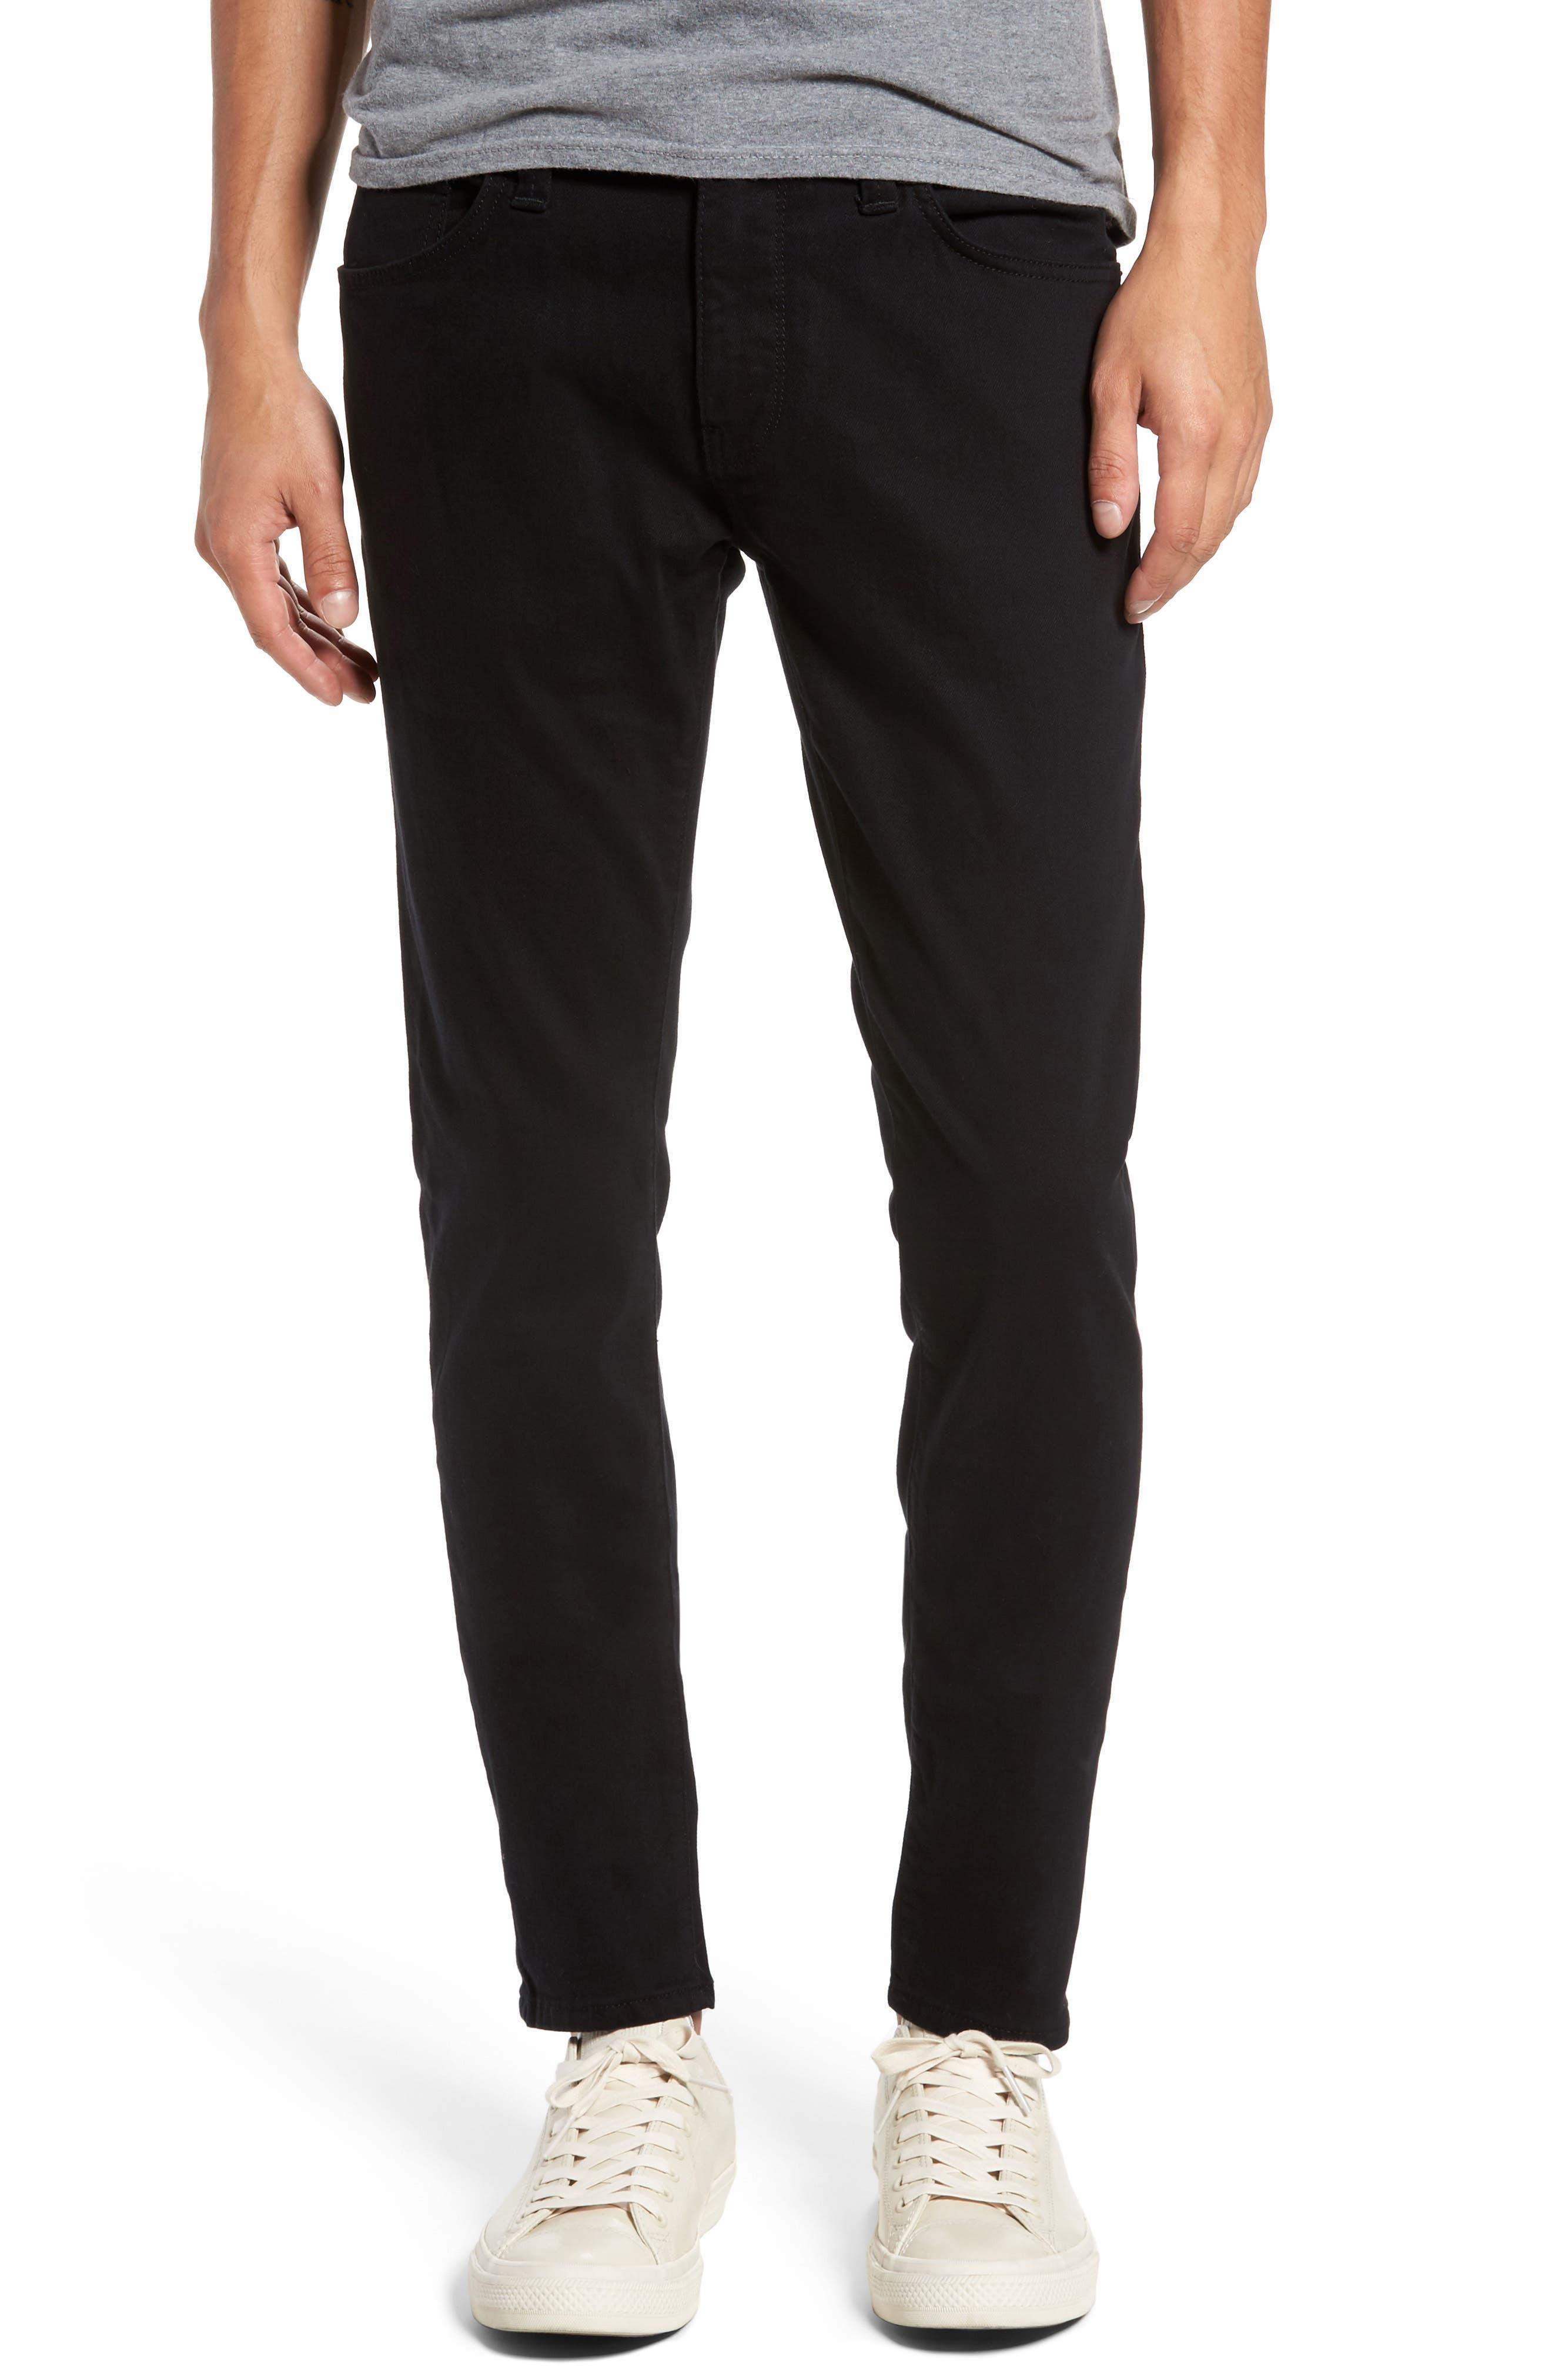 Mavi Jeans James Skinny Fit Jeans (Black Brooklyn)